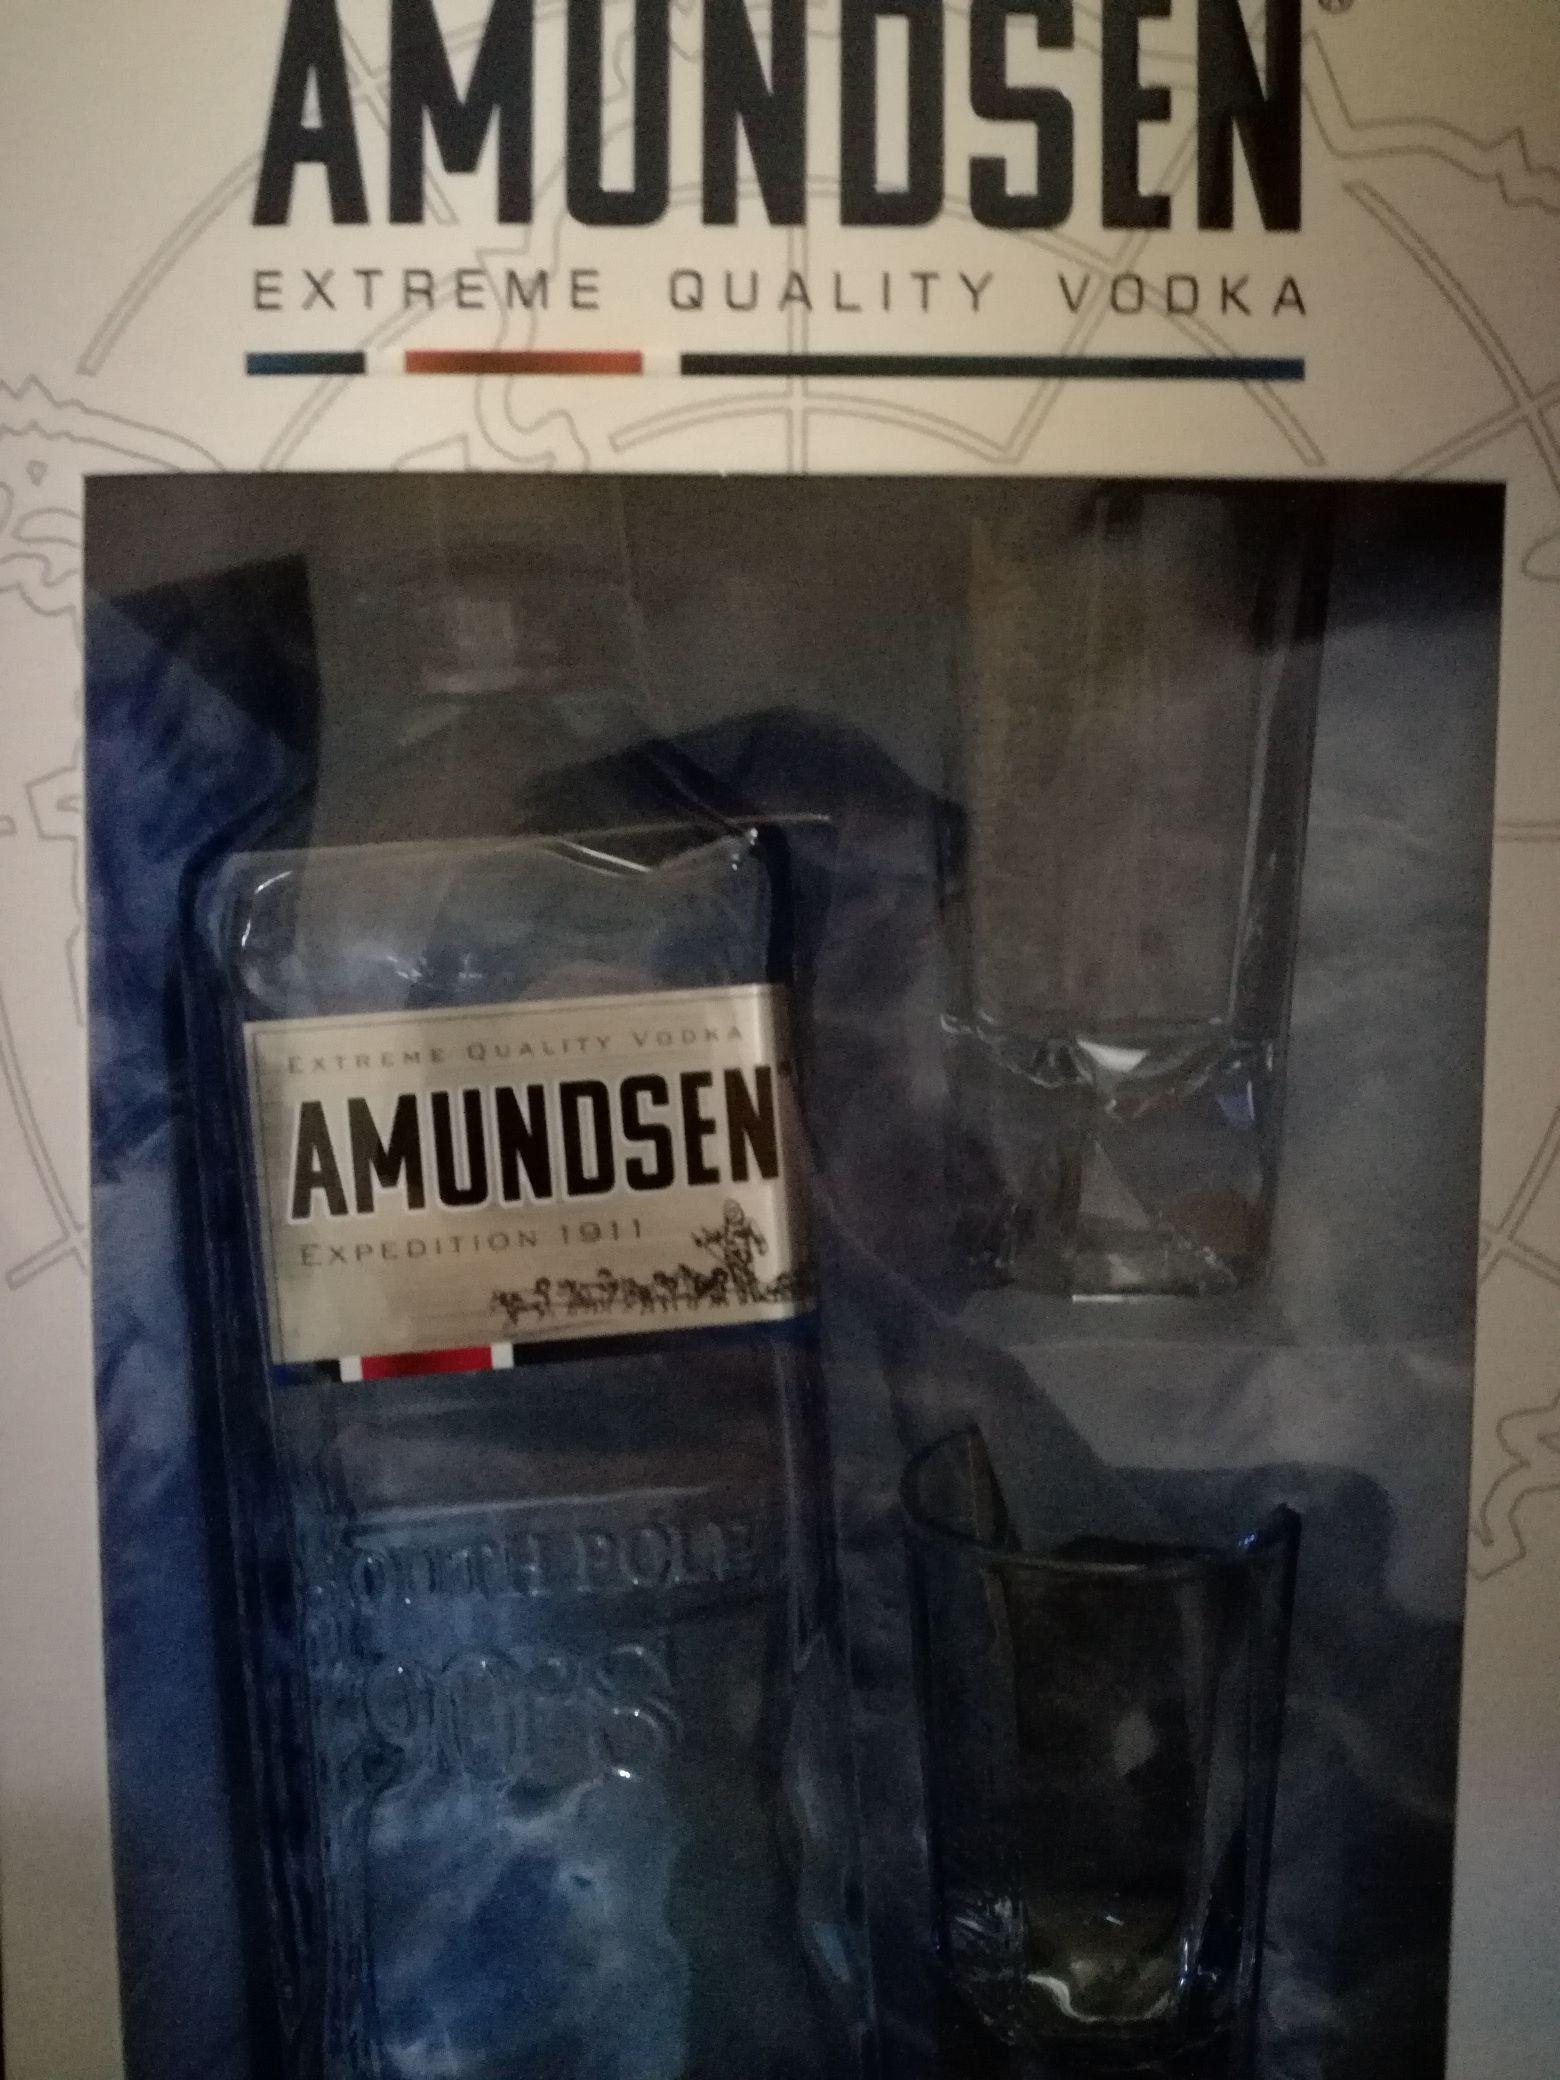 Wódka Amundsen 0,5l + 2 kieliszki TESCO